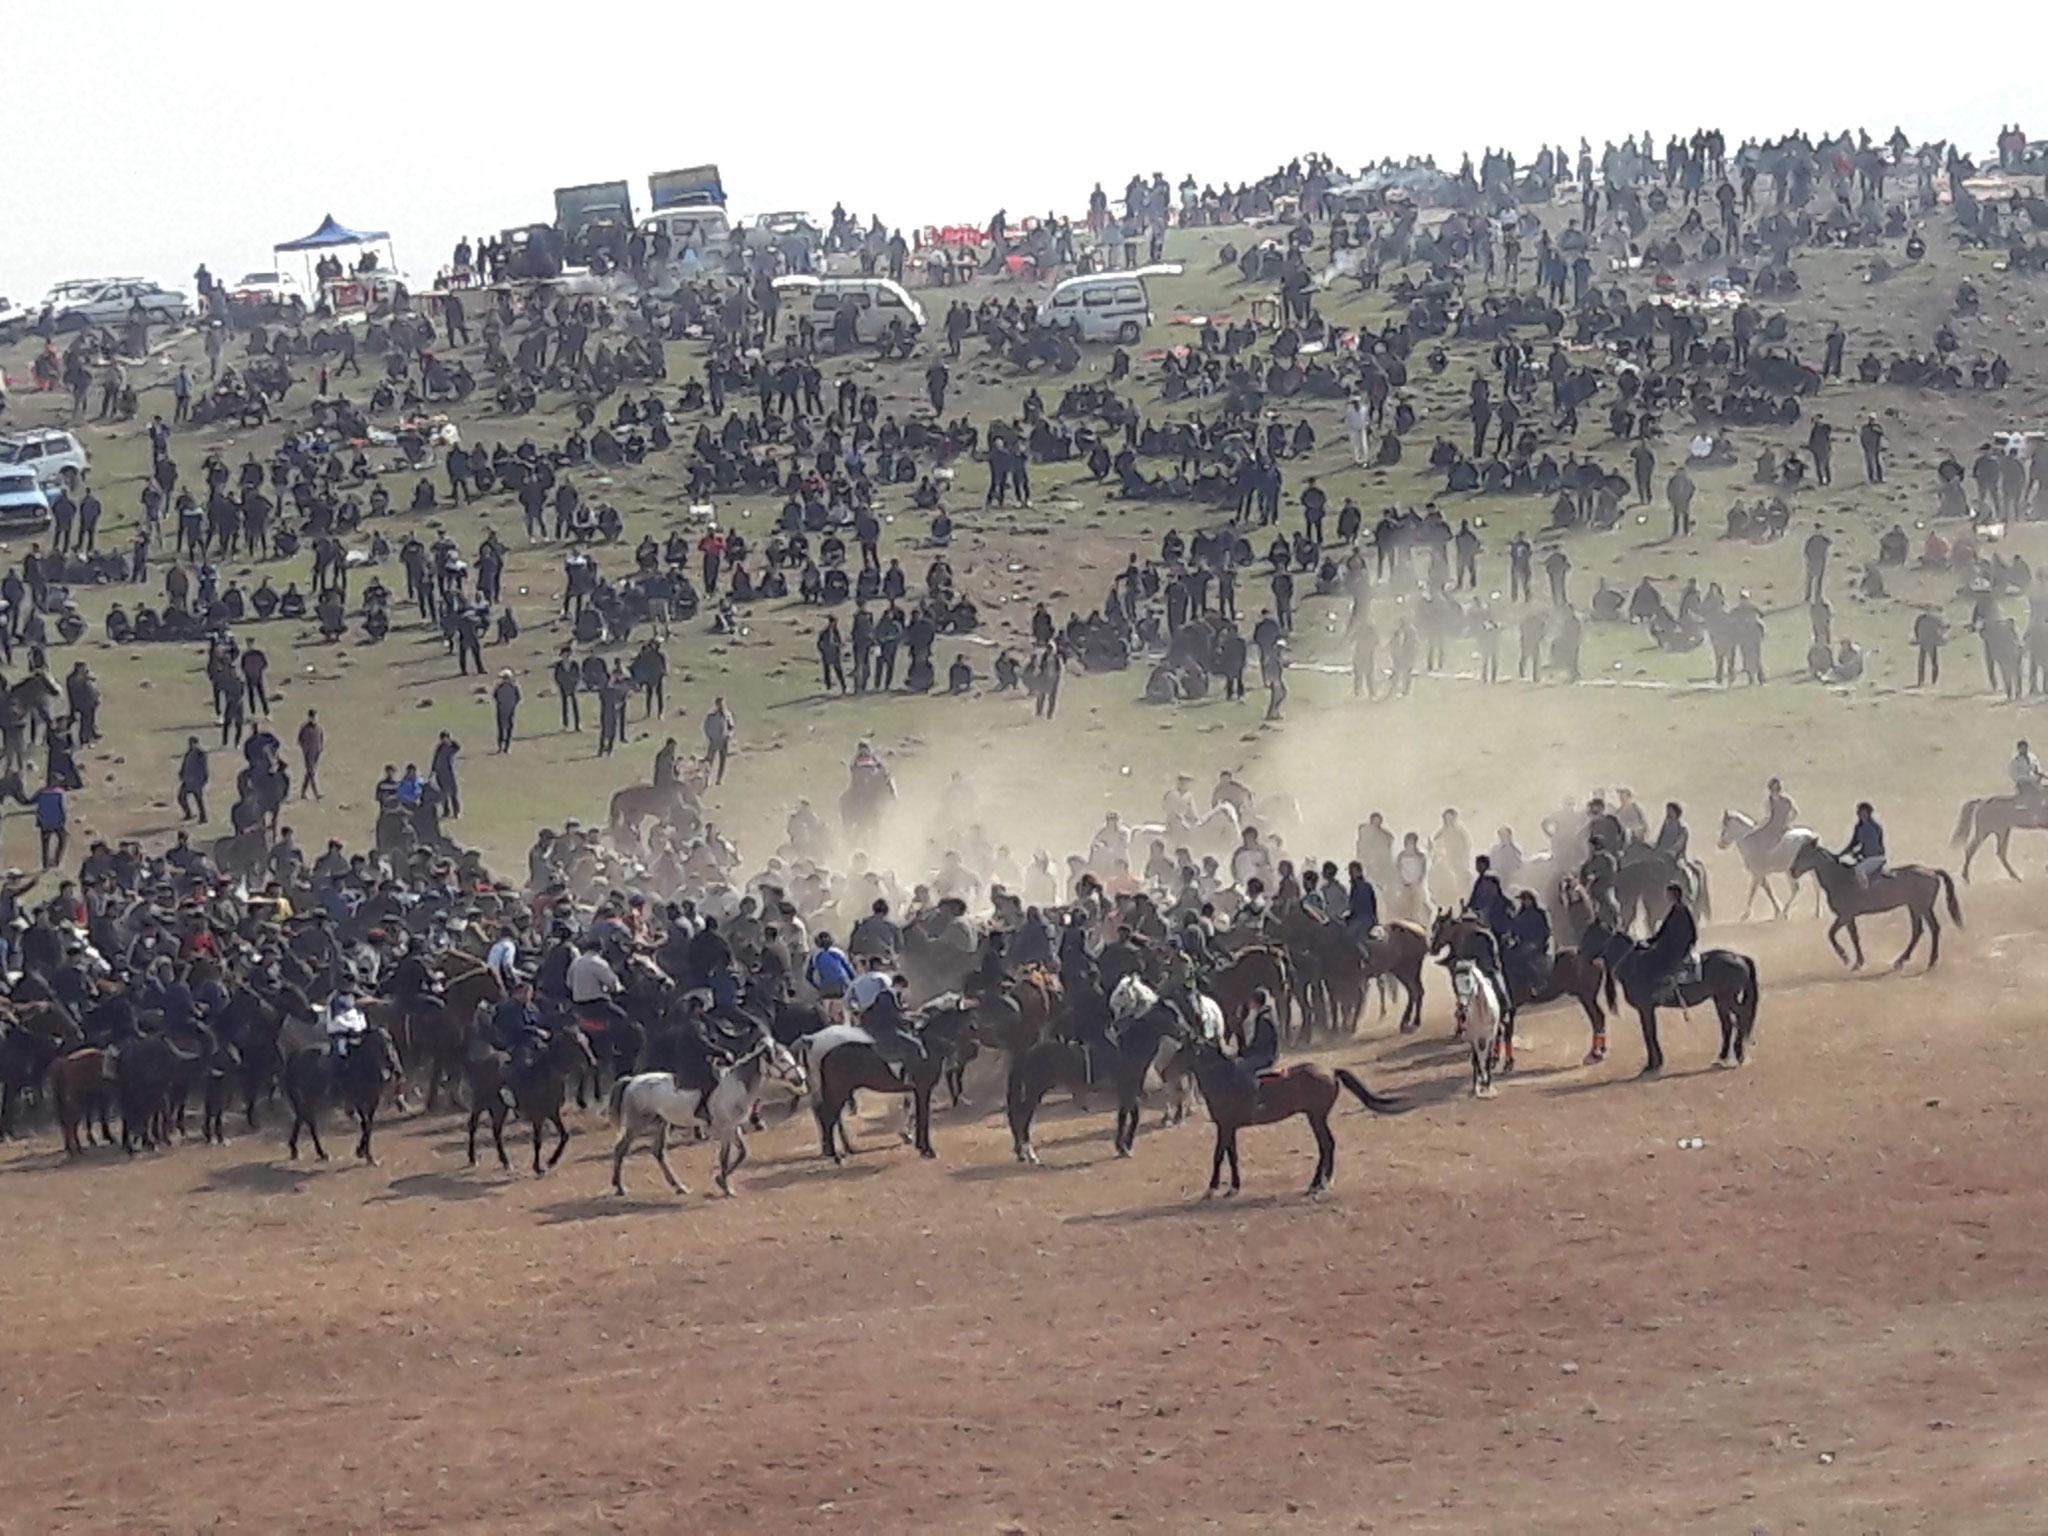 Le bouzkachi, un sport d'Asie centrale